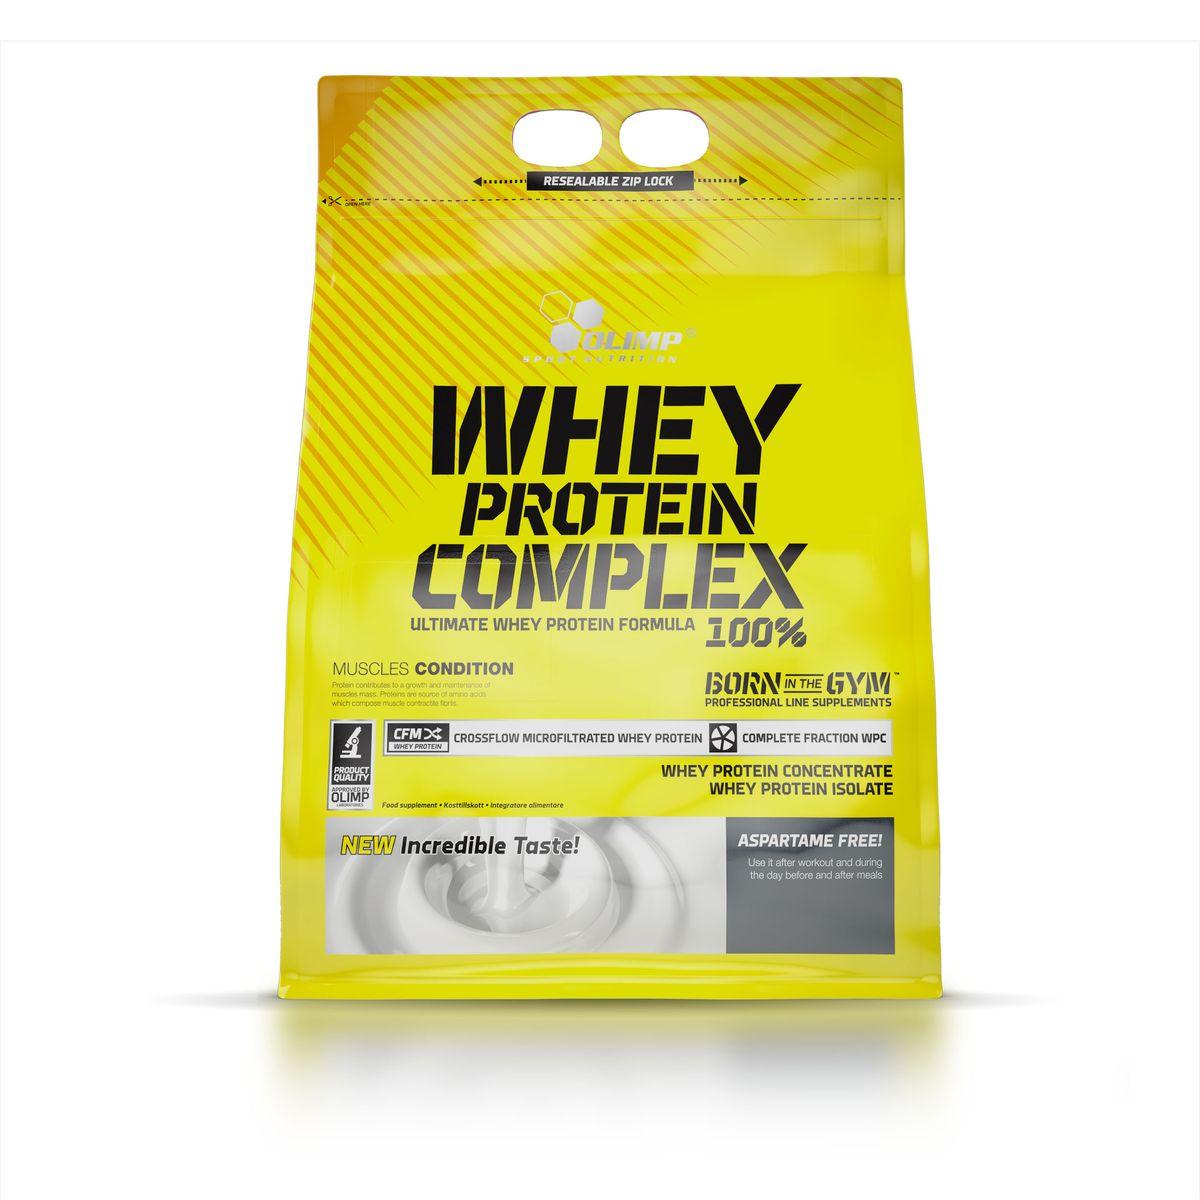 OLIMP Протеин Whey Protein Complex 100%, 2,3кг, клубникаO44496Whey Protein – так называется белок молочной сыворотки по-английски. Этот белок обладает наивысшей биологической ценностью и лучше всего переносится организмом. Компания Olimp разработала высококачественный протеиновый порошок, Olimp Whey Protein Complex 100%- который обладает приятным вкусом и отвечает физиологическим потребностям. Очень важную роль играет здесь способ производства, поскольку в качестве сырья используется микрофильтрованный протеин, который не выносит высоких температур и высокого давления. Рекомендации по применению: Принимайте до 3 порции в день - утром, между приемами пищи и после тренировки или перед сном.